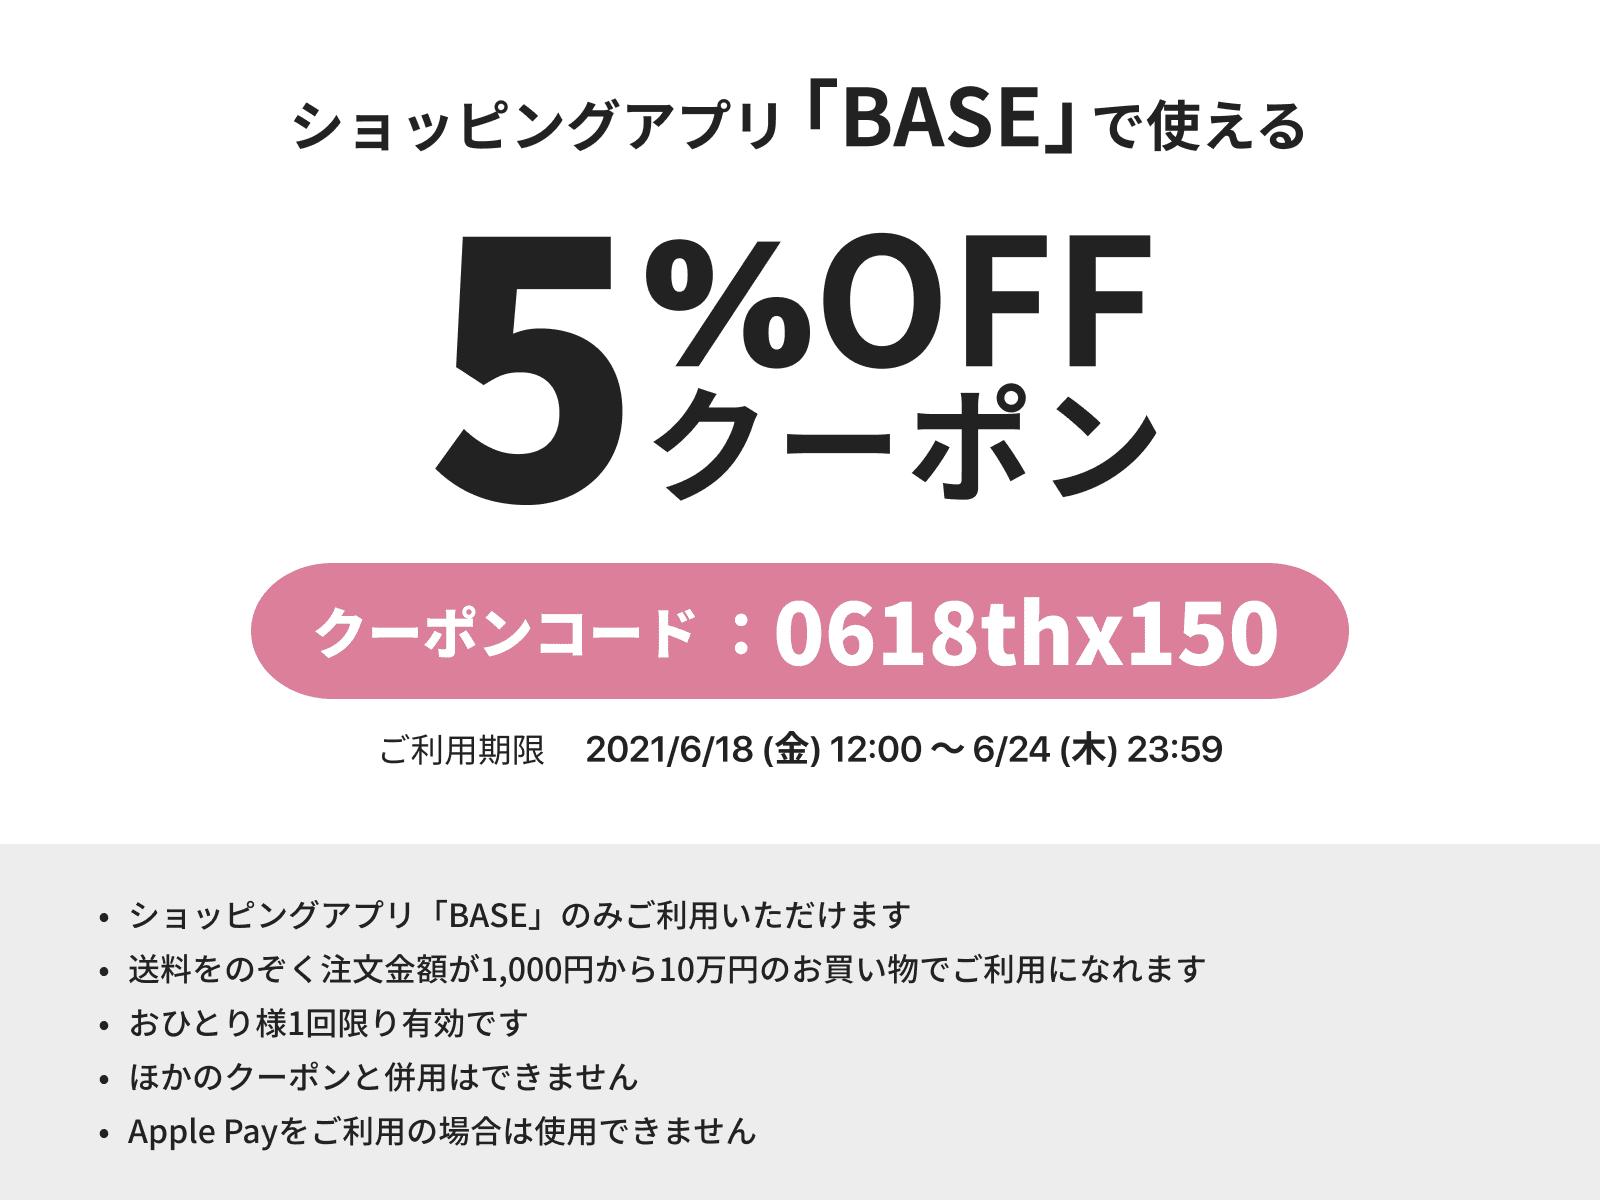 ショッピングアプリ「BASE」でご利用いただける5%OFFクーポン配布中!